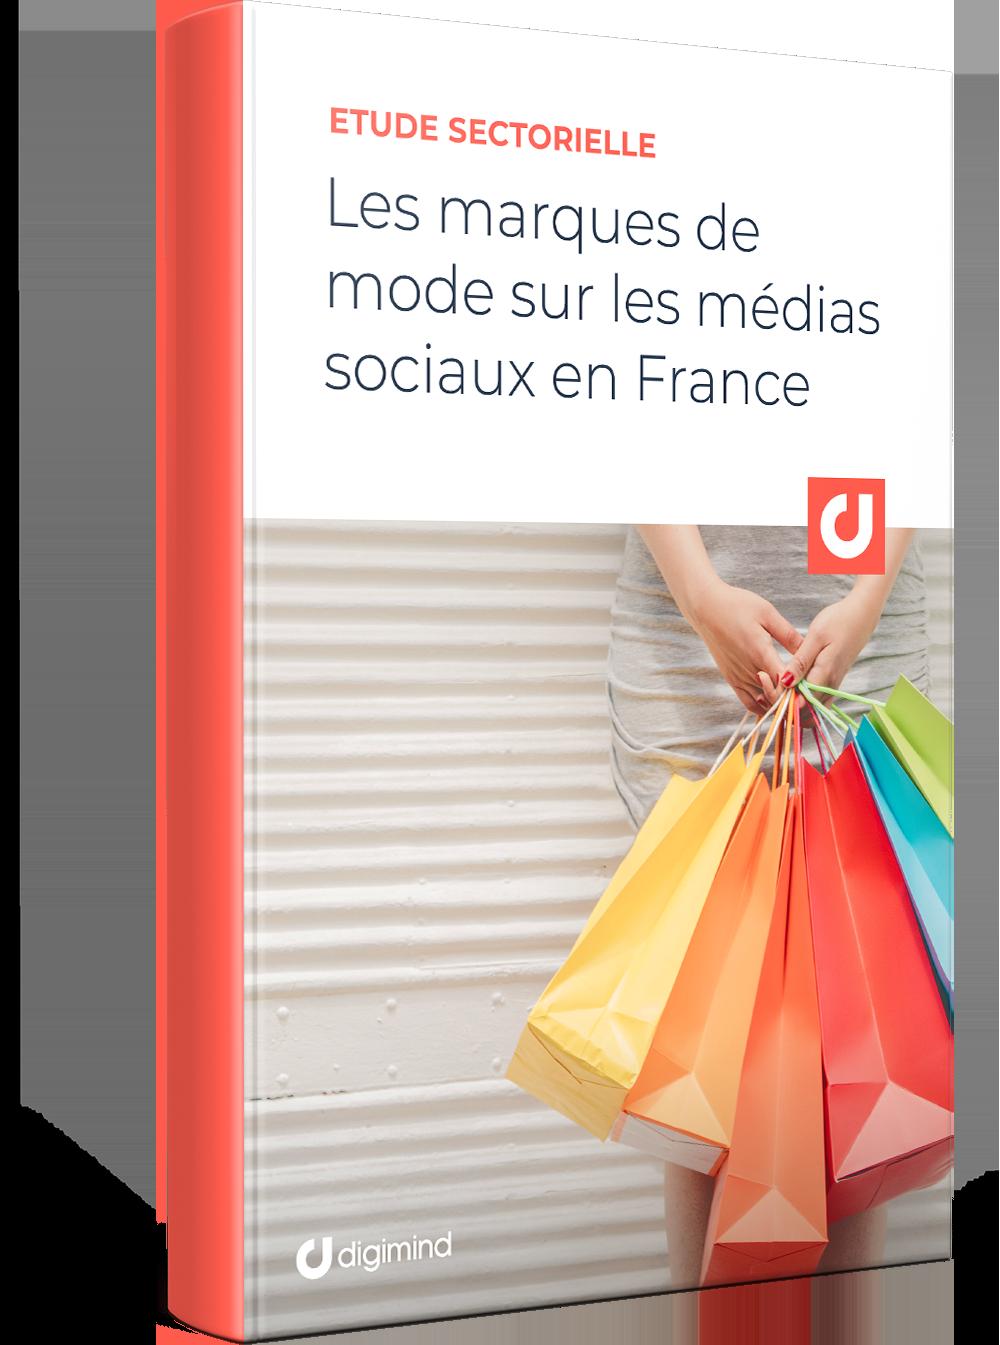 FR - Les marques de mode sur les médias sociaux en France_3D BOOK